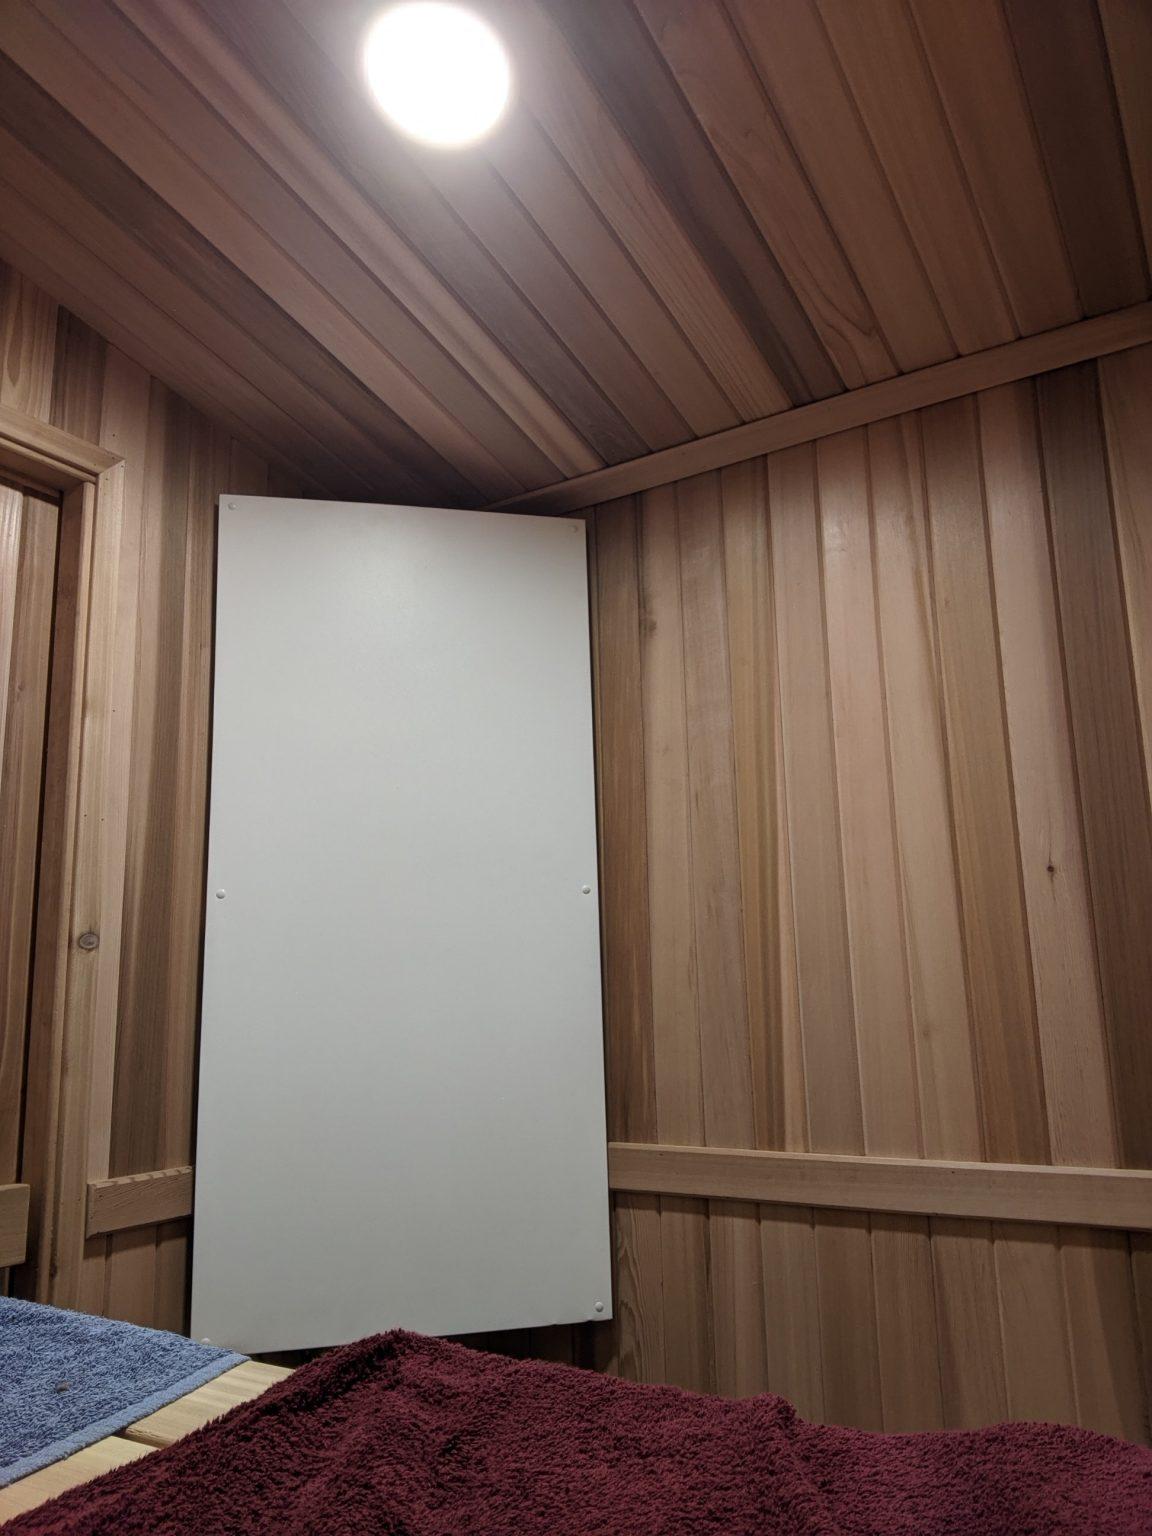 Ducoterra Far Infrared Panel in a Sauna